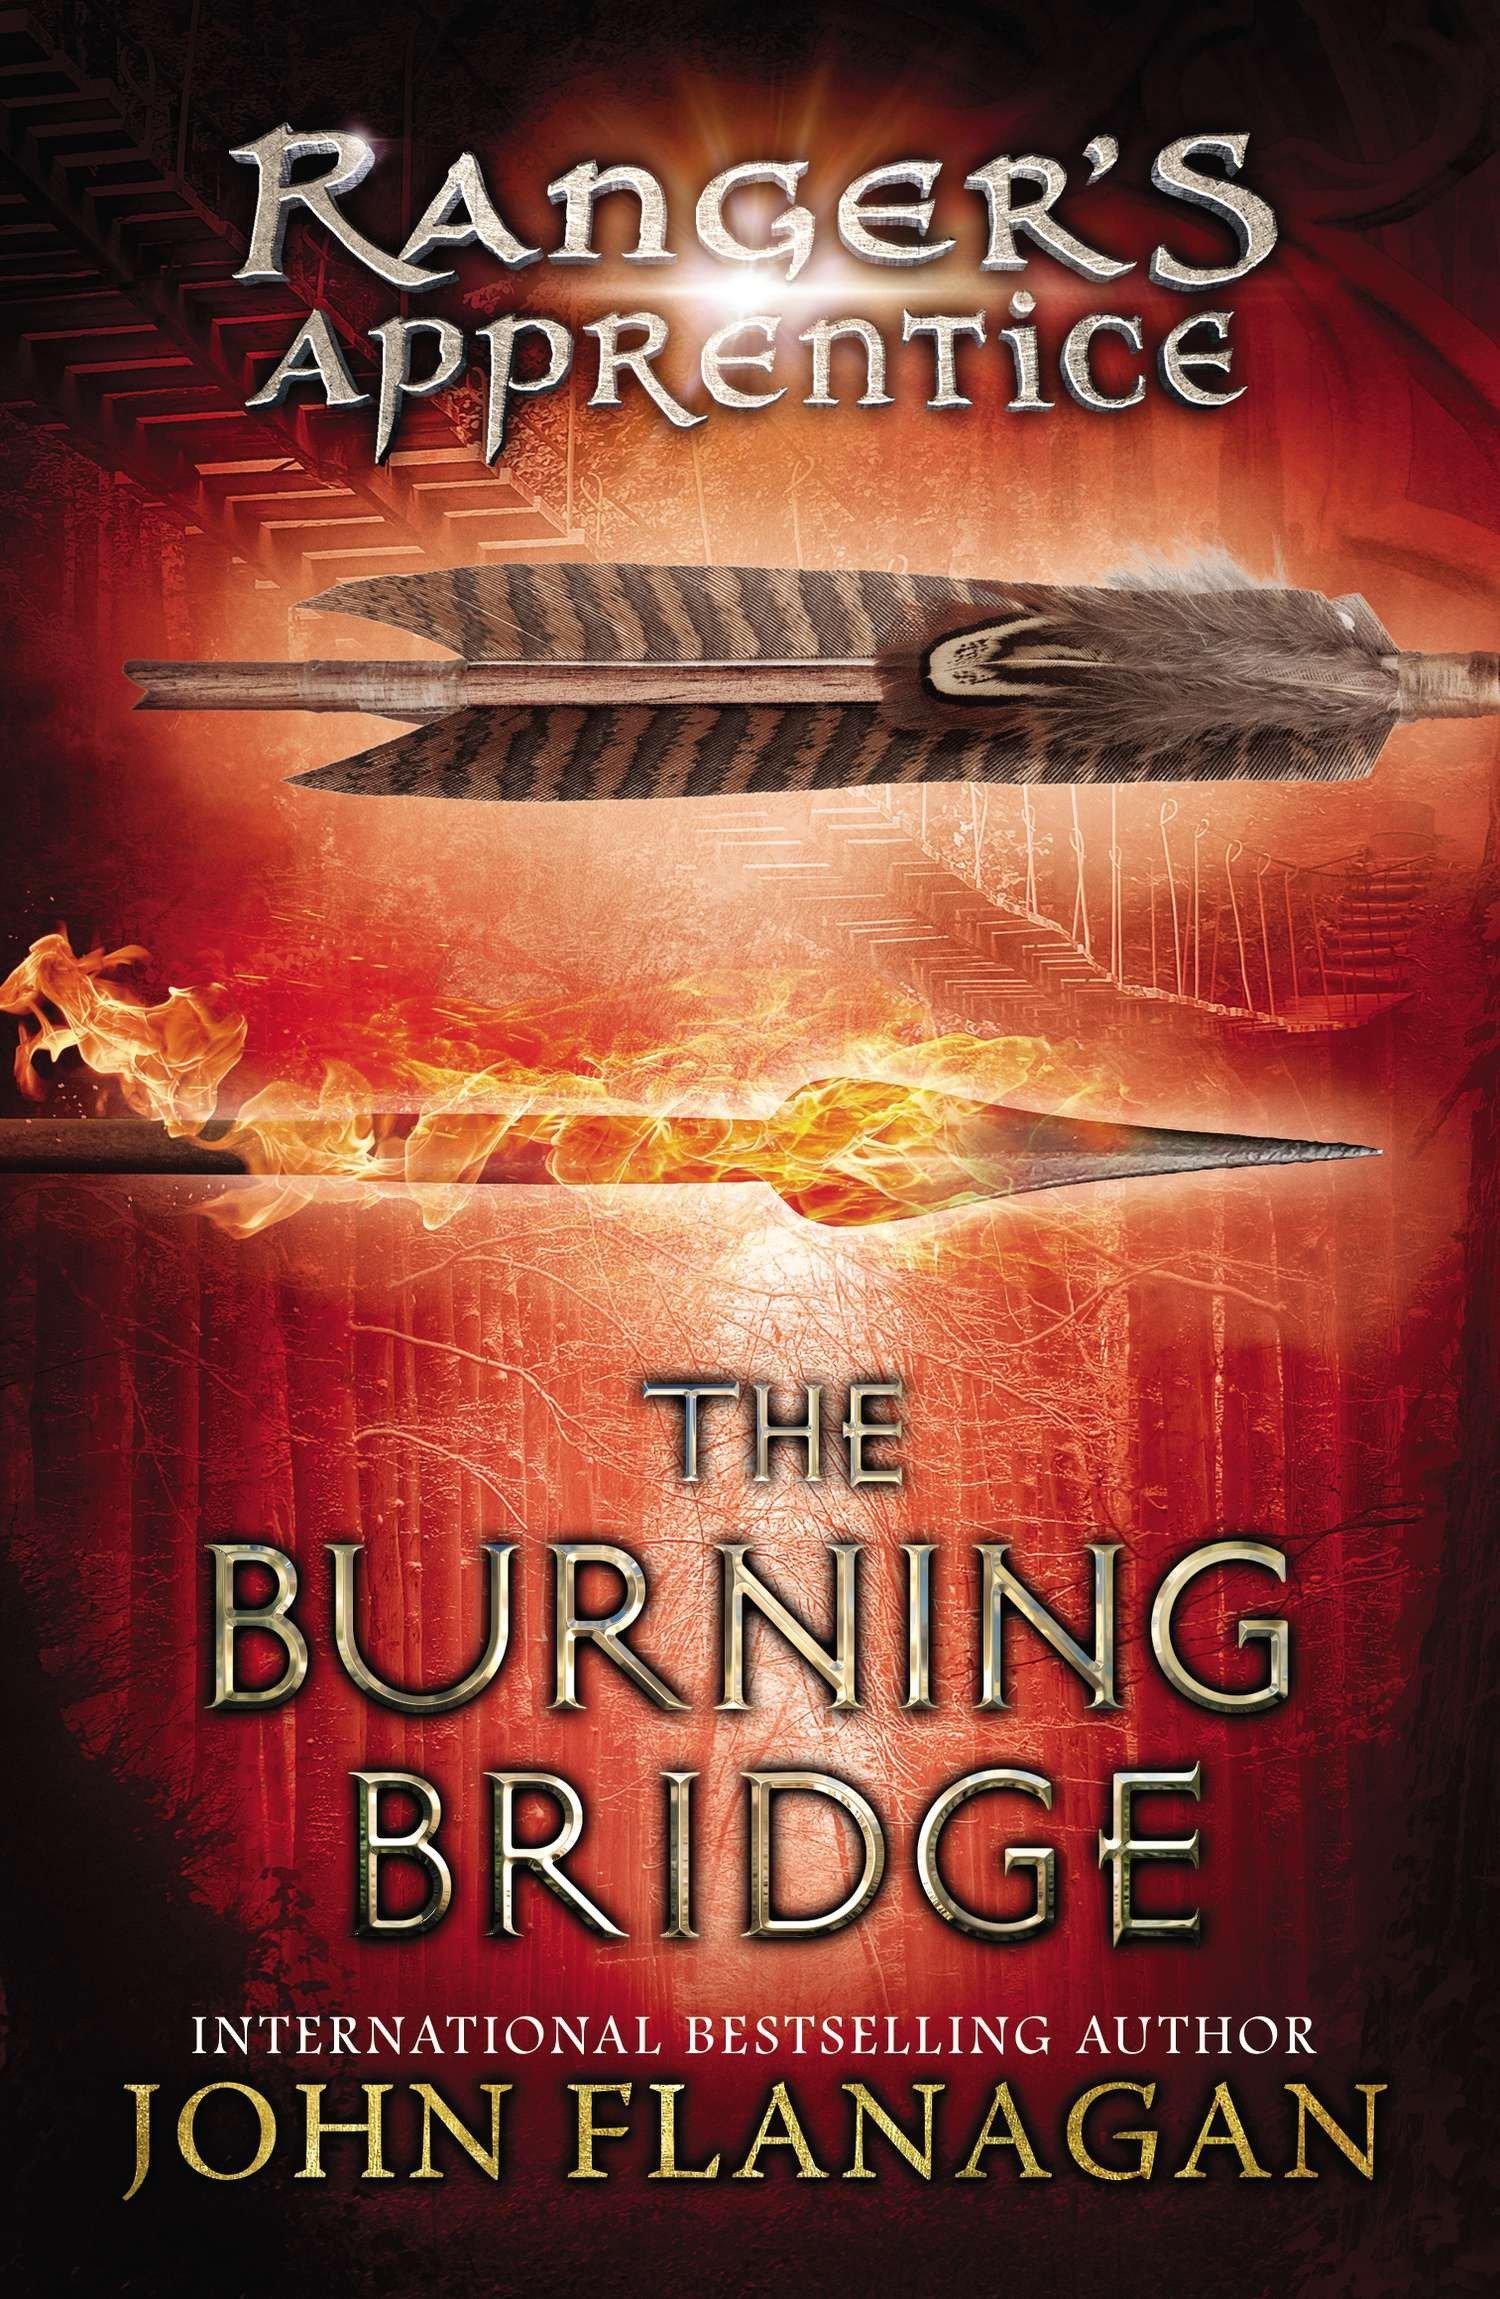 The Burning Bridge cover image